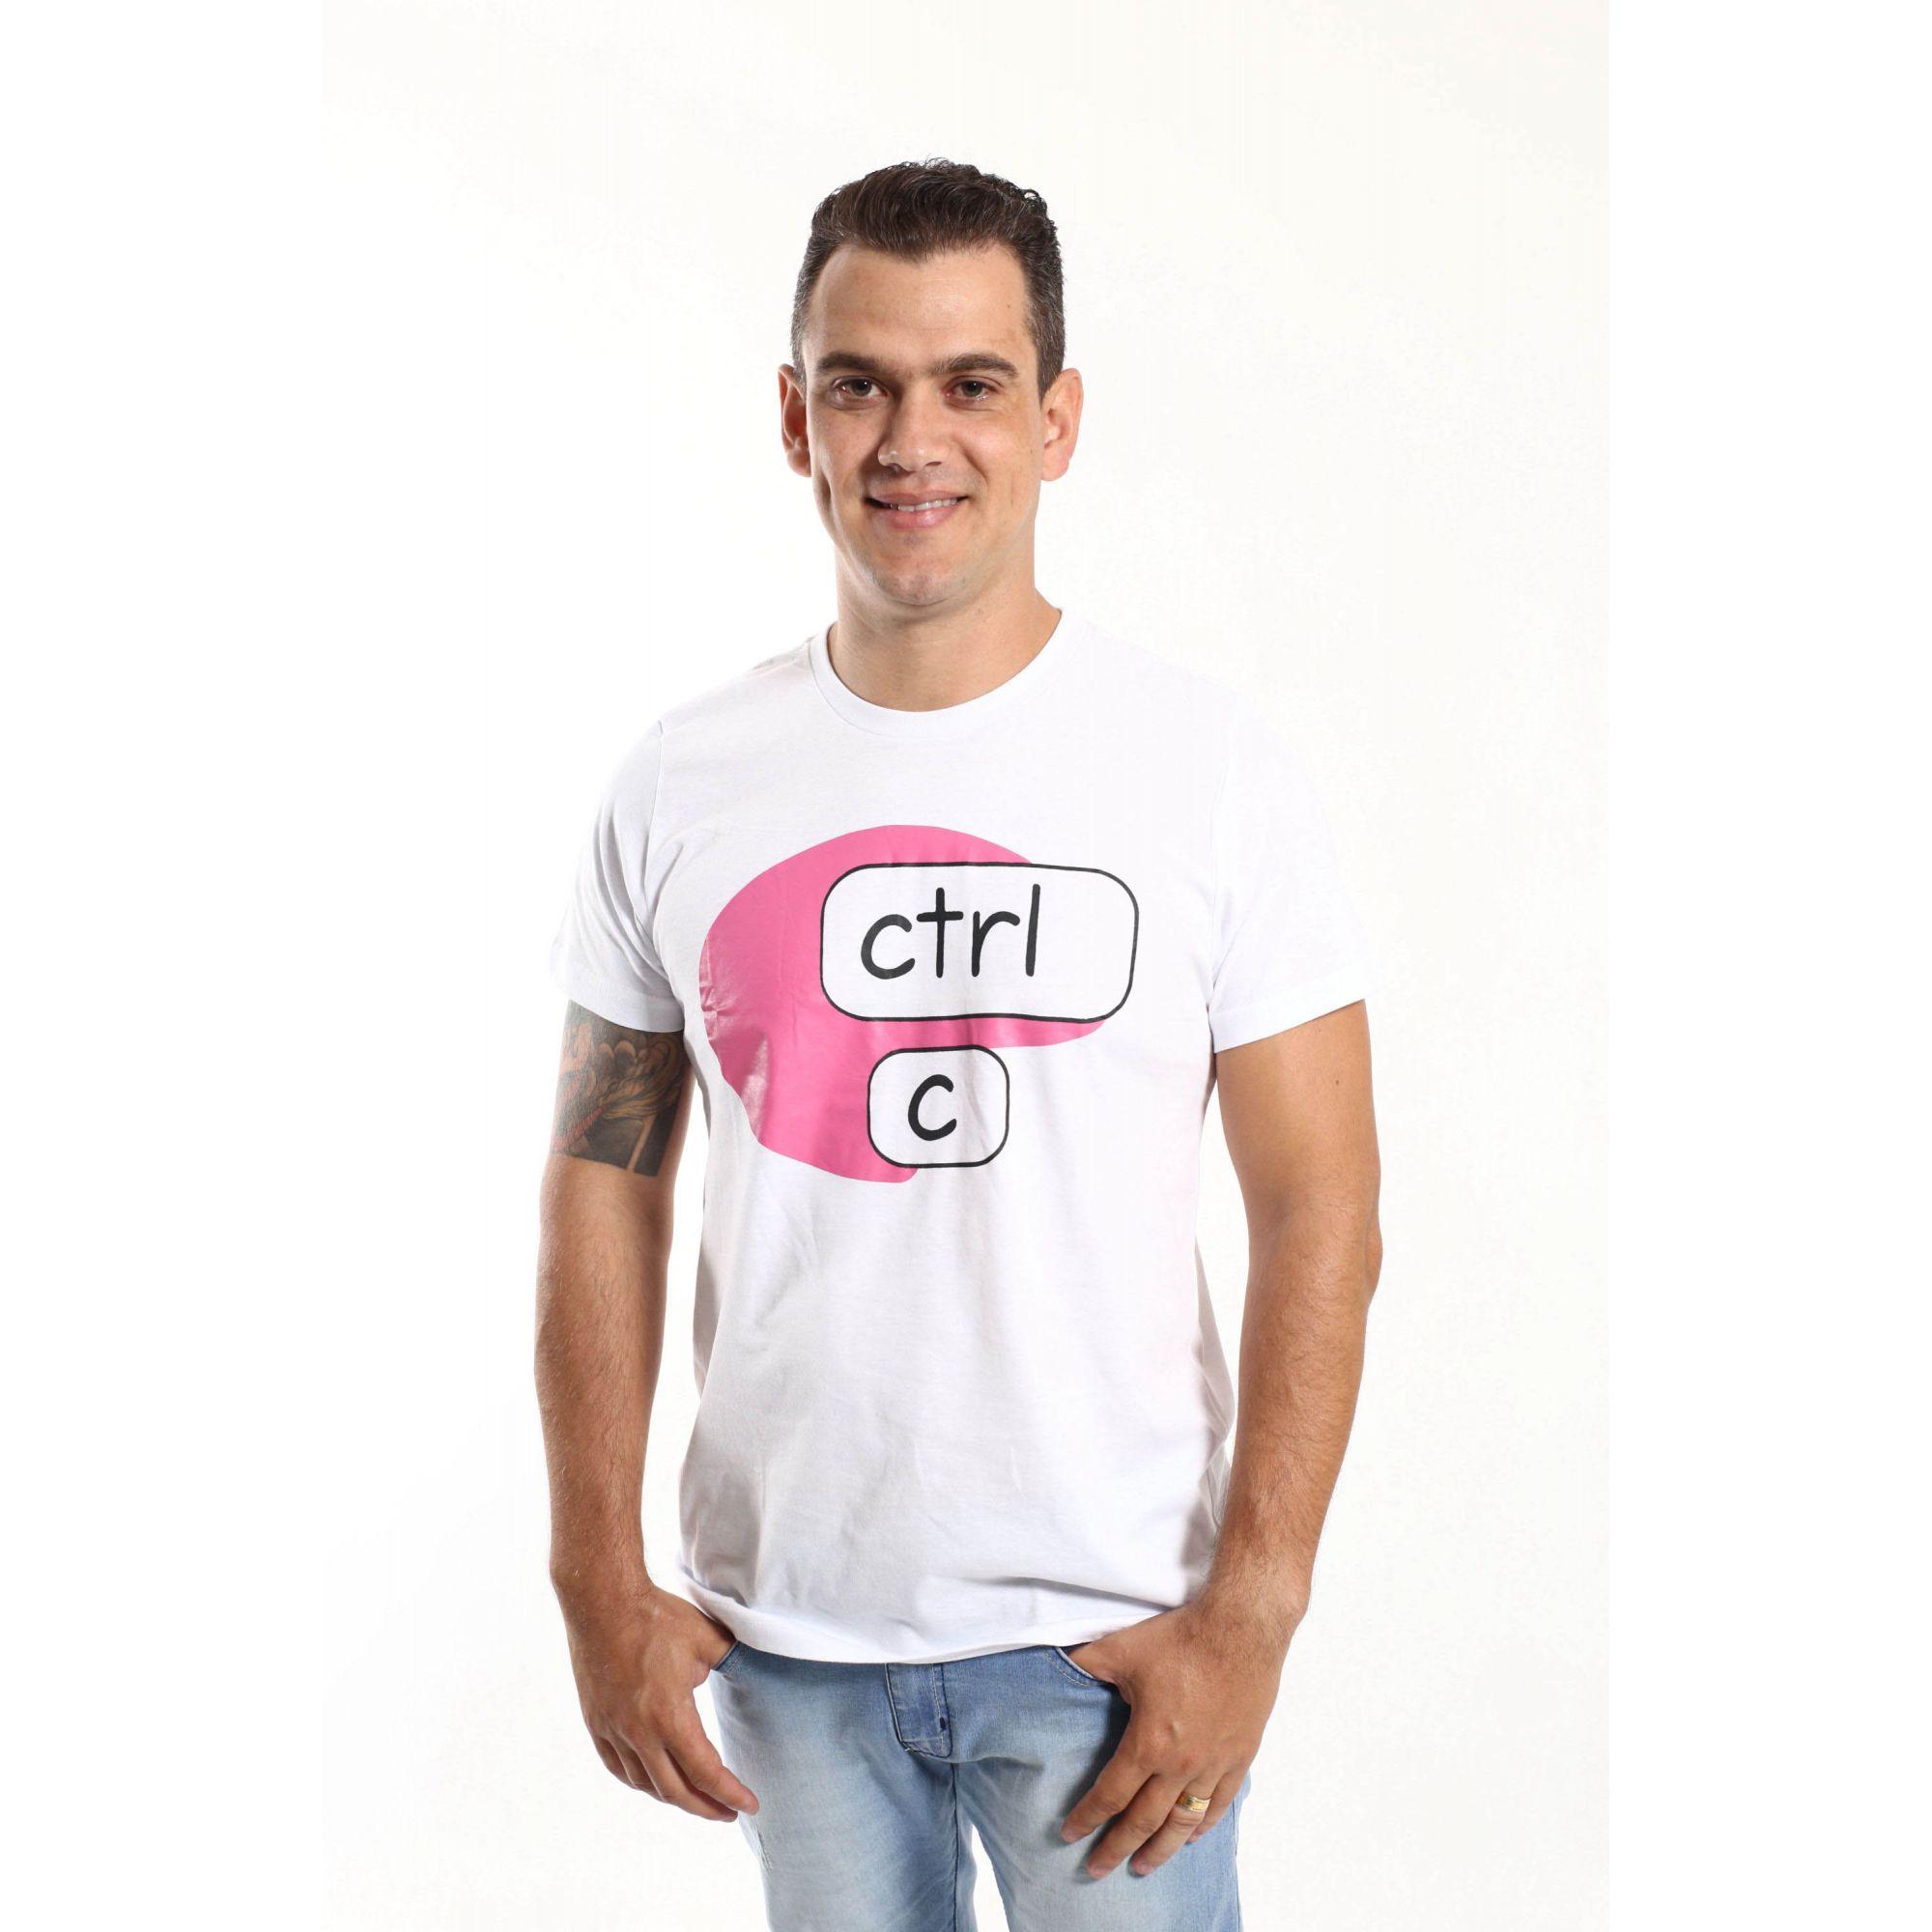 Camiseta CTRL-C Rosa  - Heitor Fashion Brazil